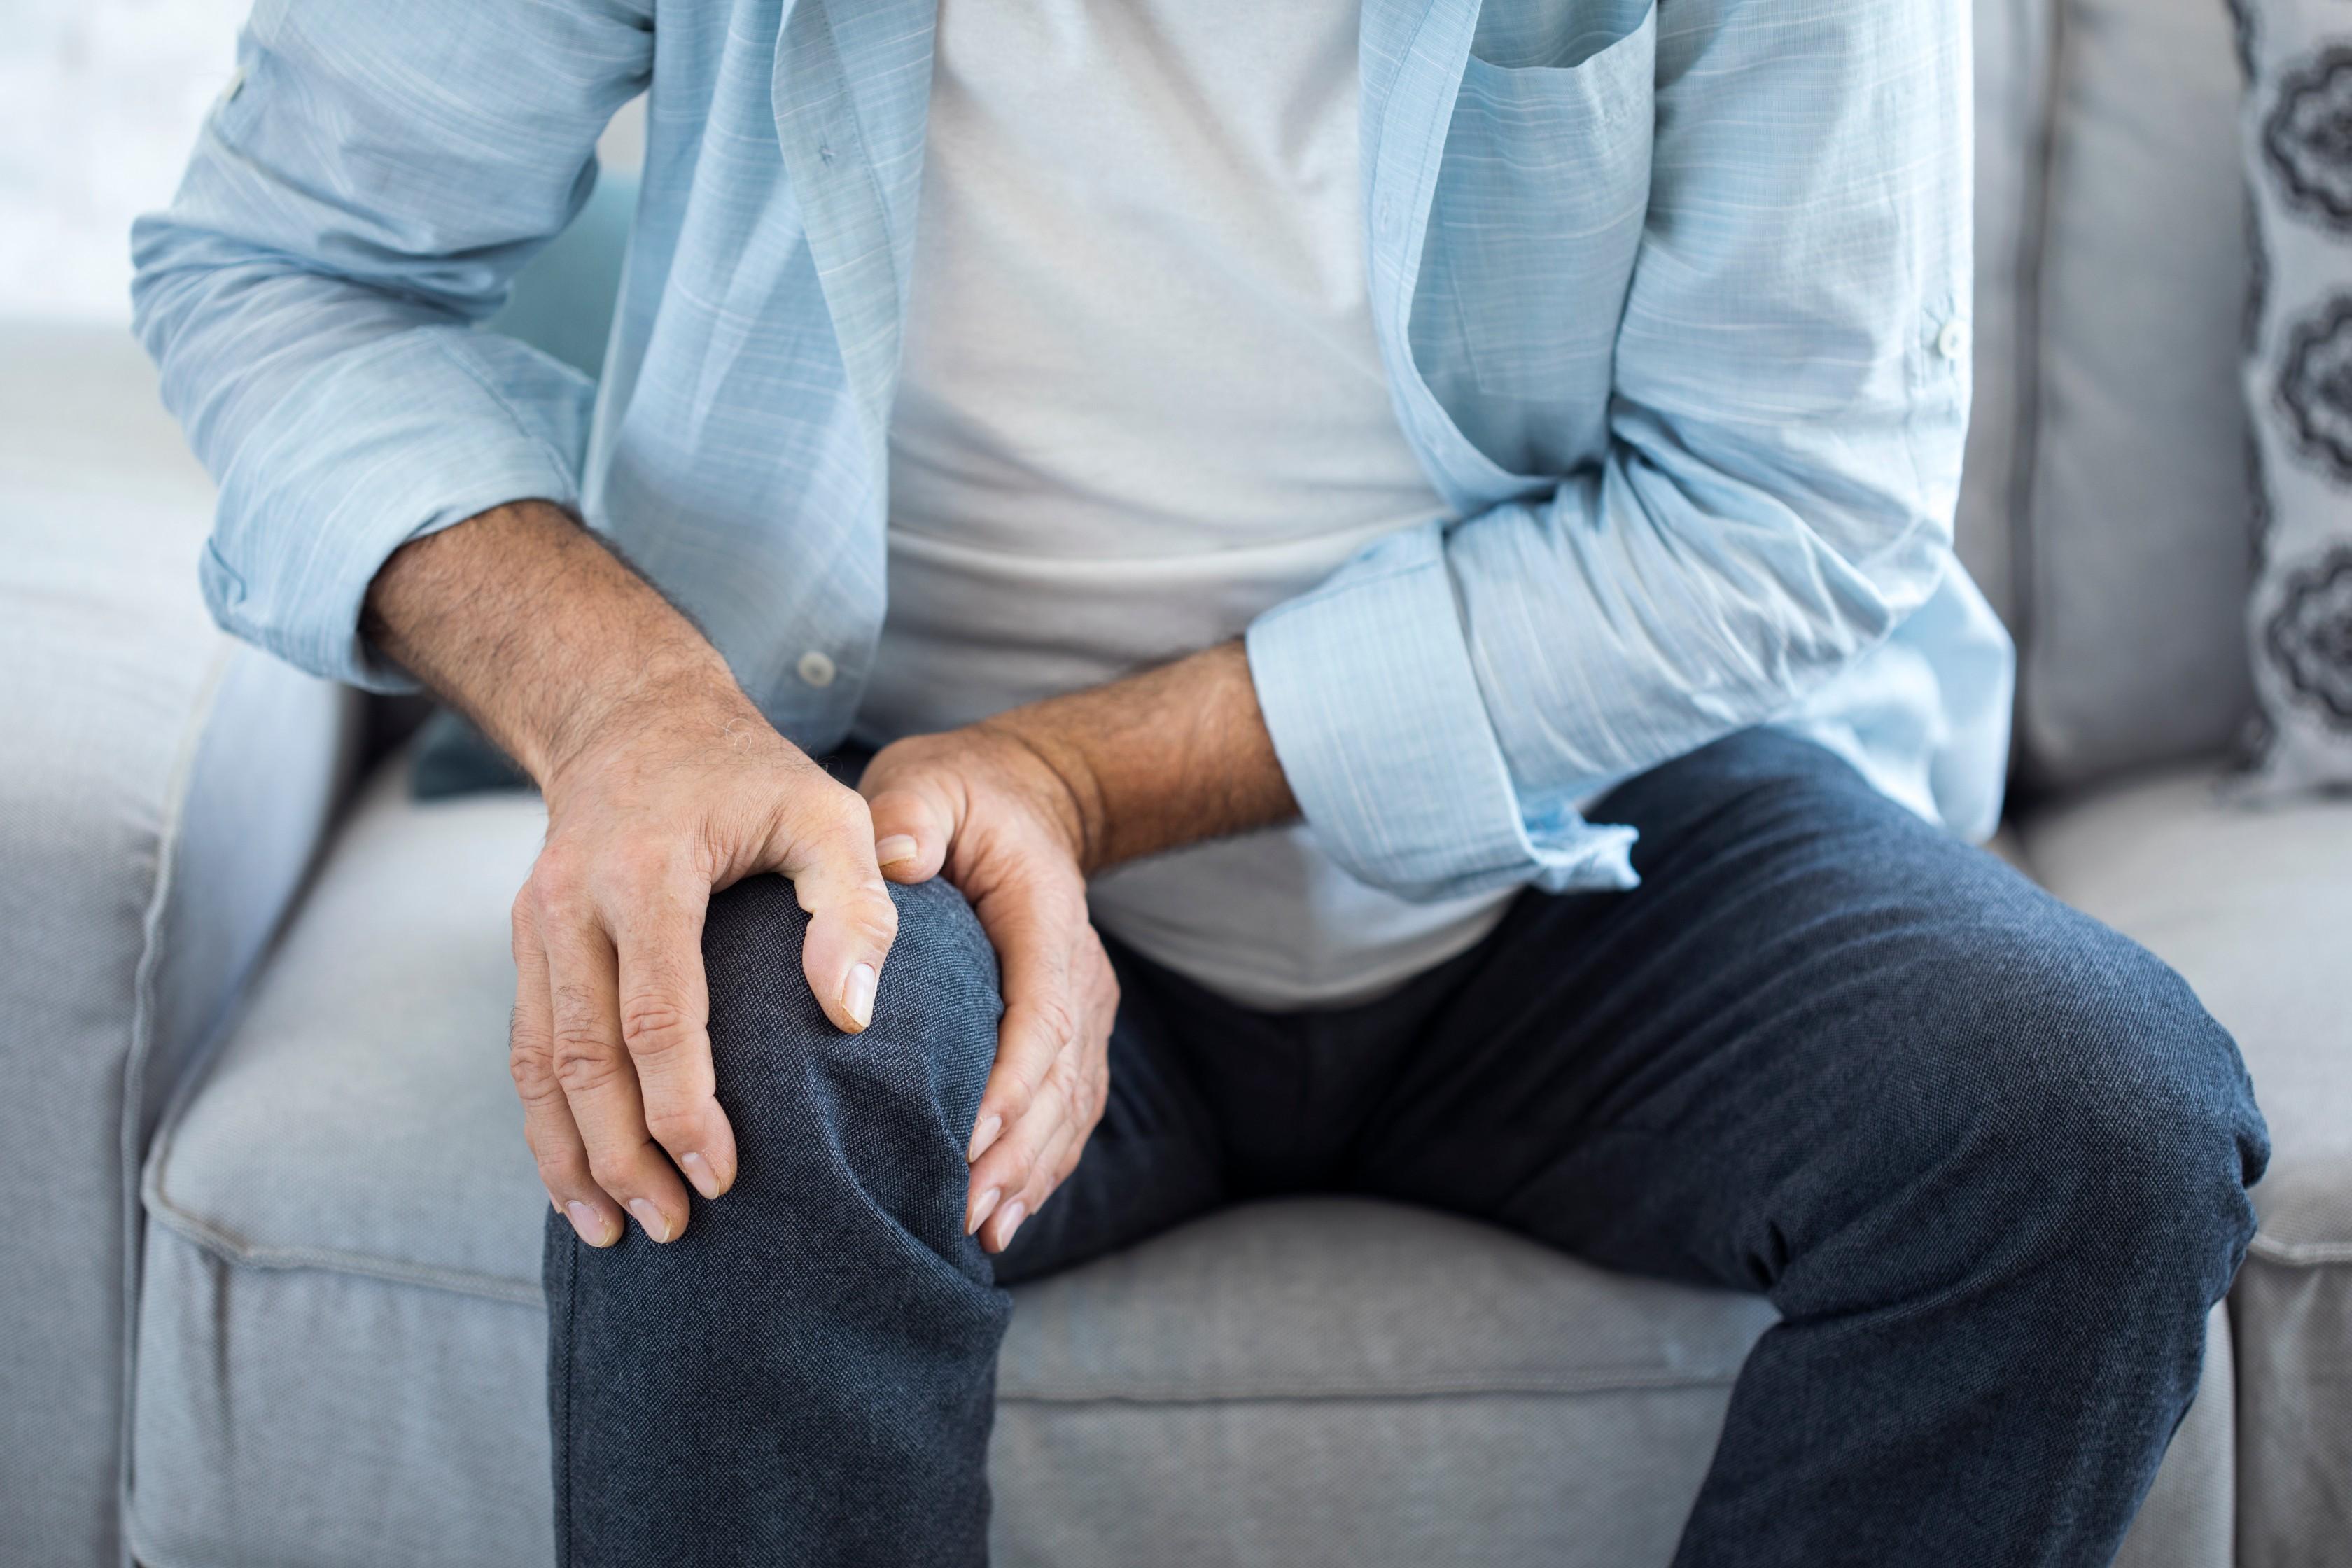 fájdalom a könyök ízület ligamentumában miért remeg és fáj az ízületek